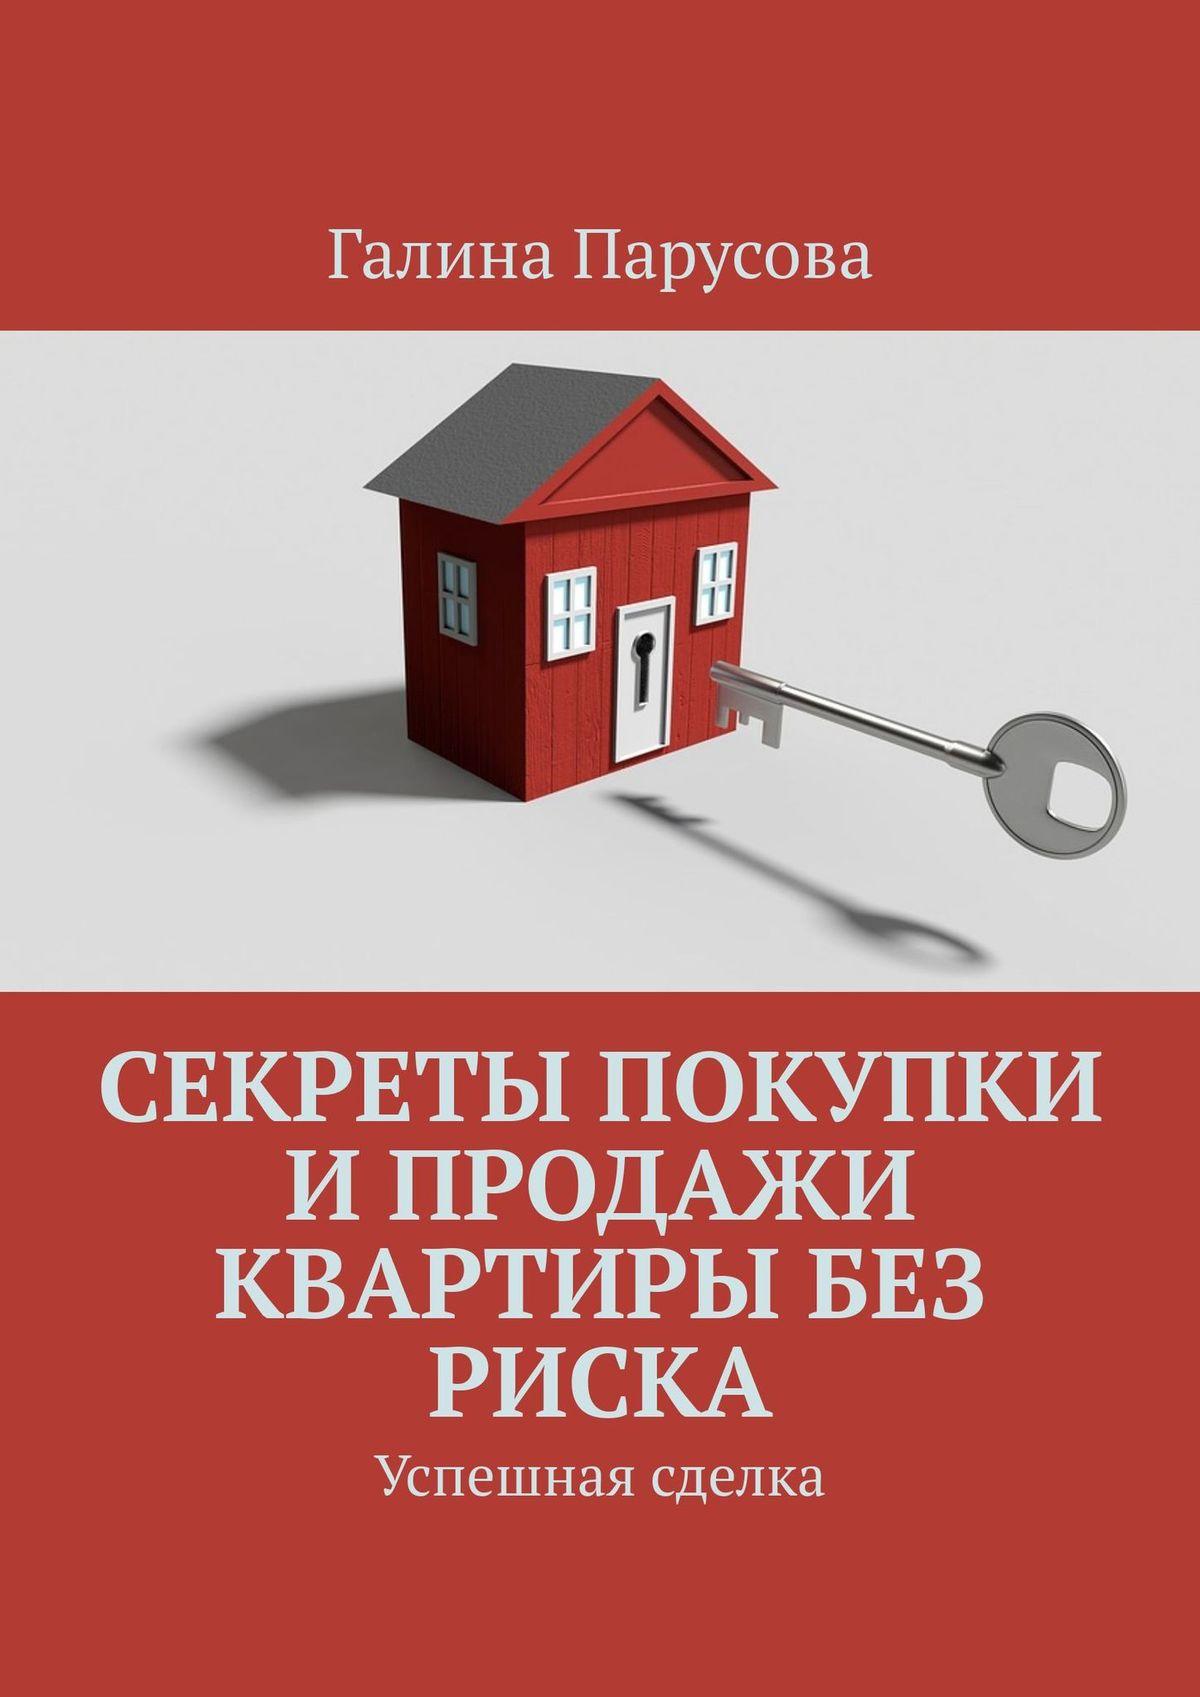 Галина Парусова Секреты покупки и продажи квартиры без риска. Успешная сделка